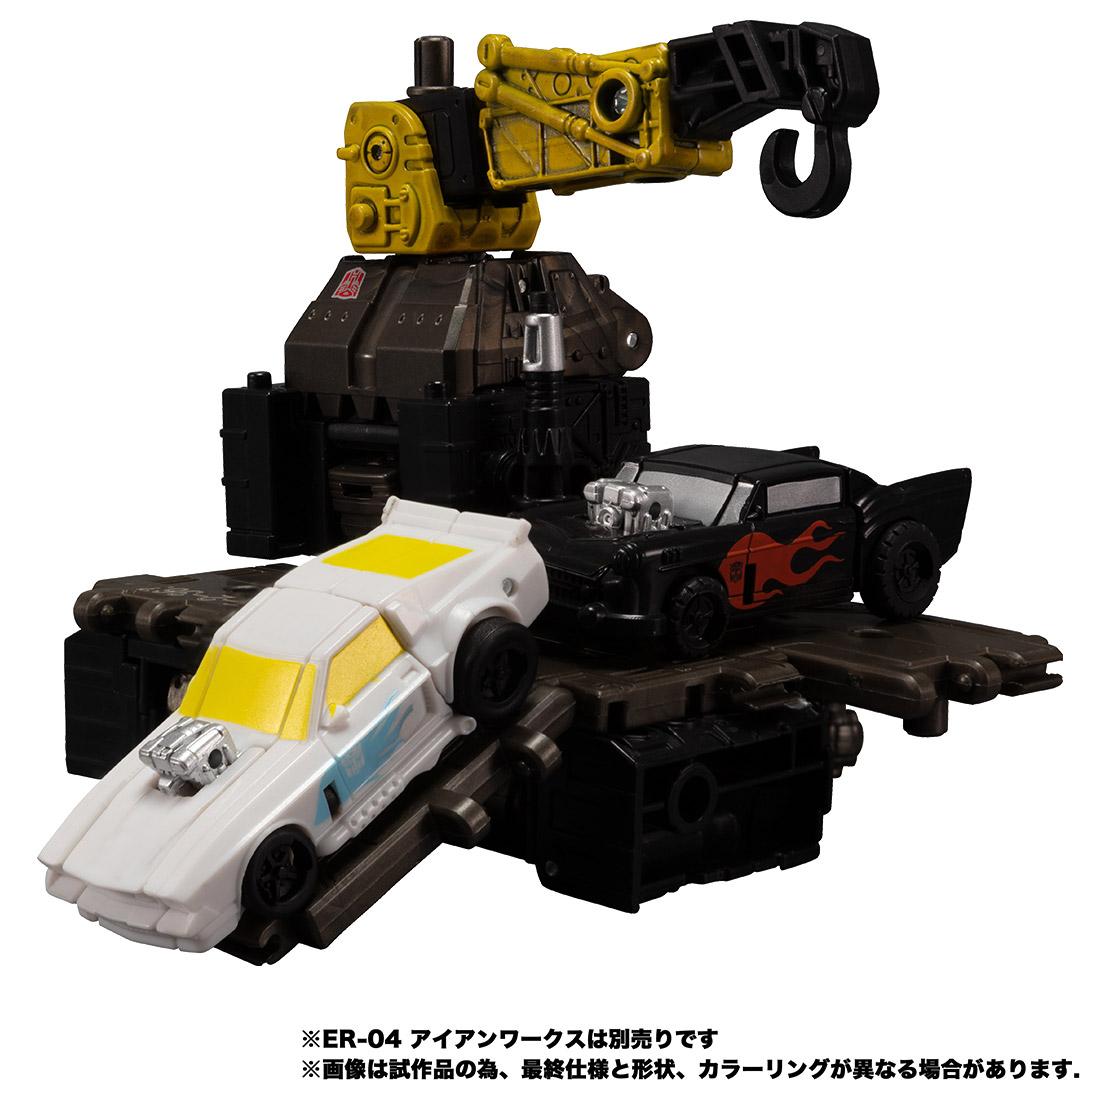 【限定販売】トランスフォーマー アースライズ『ER EX-03 トリップアップ&ダディーオー』可変可動フィギュア-006